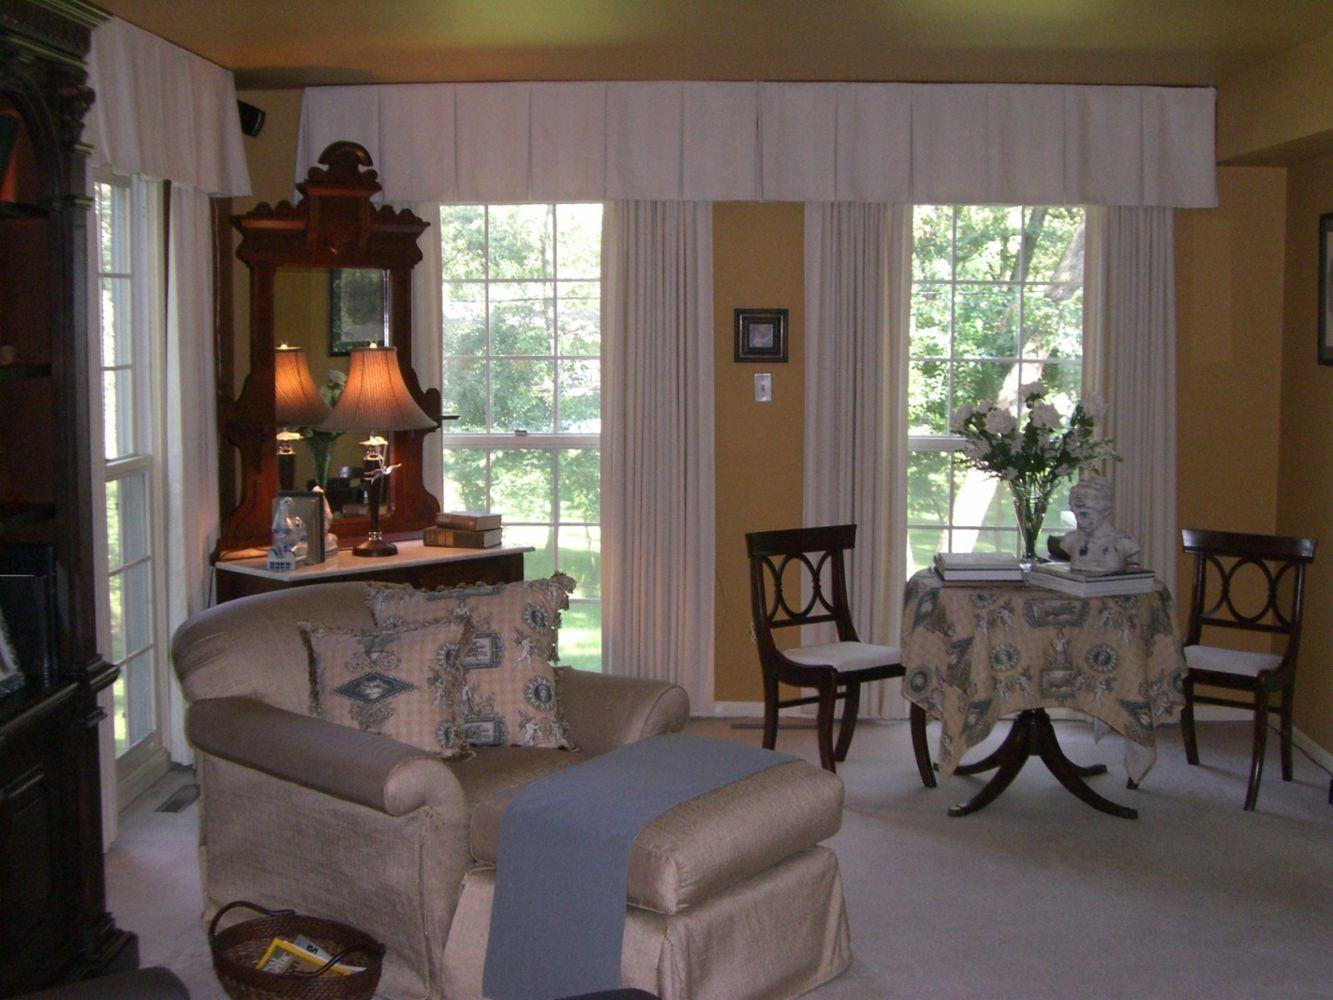 Interior design home decor custom furniture custom tables reclaimed wood repurposed for Interior design services plano